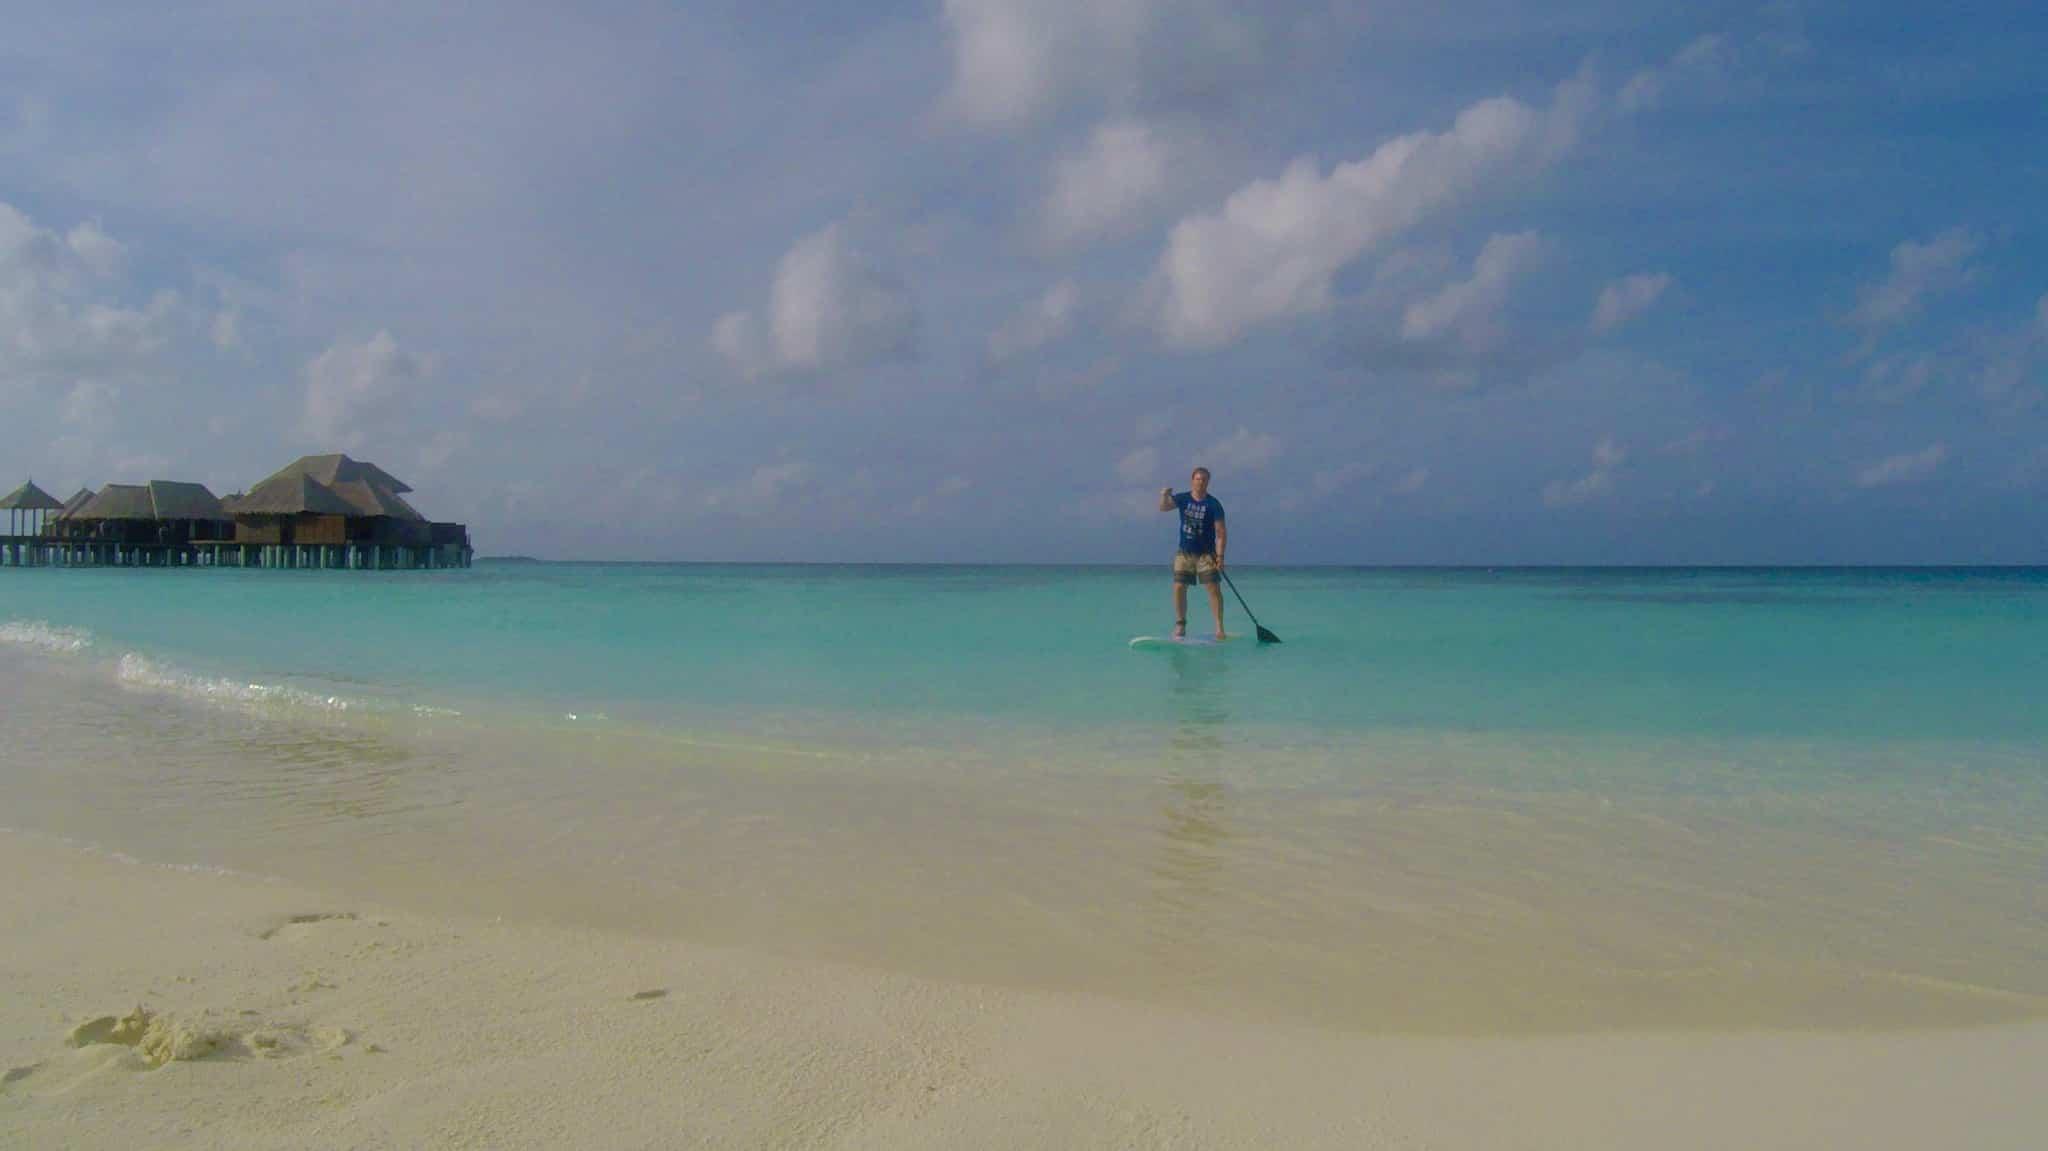 Ich war jeden Tag auf Bodu Hithi mit dem SUP unterwegs – ein ideales Workout im Urlaub. Reisebericht Coco Bodu Hithi Malediven Erfahrungen